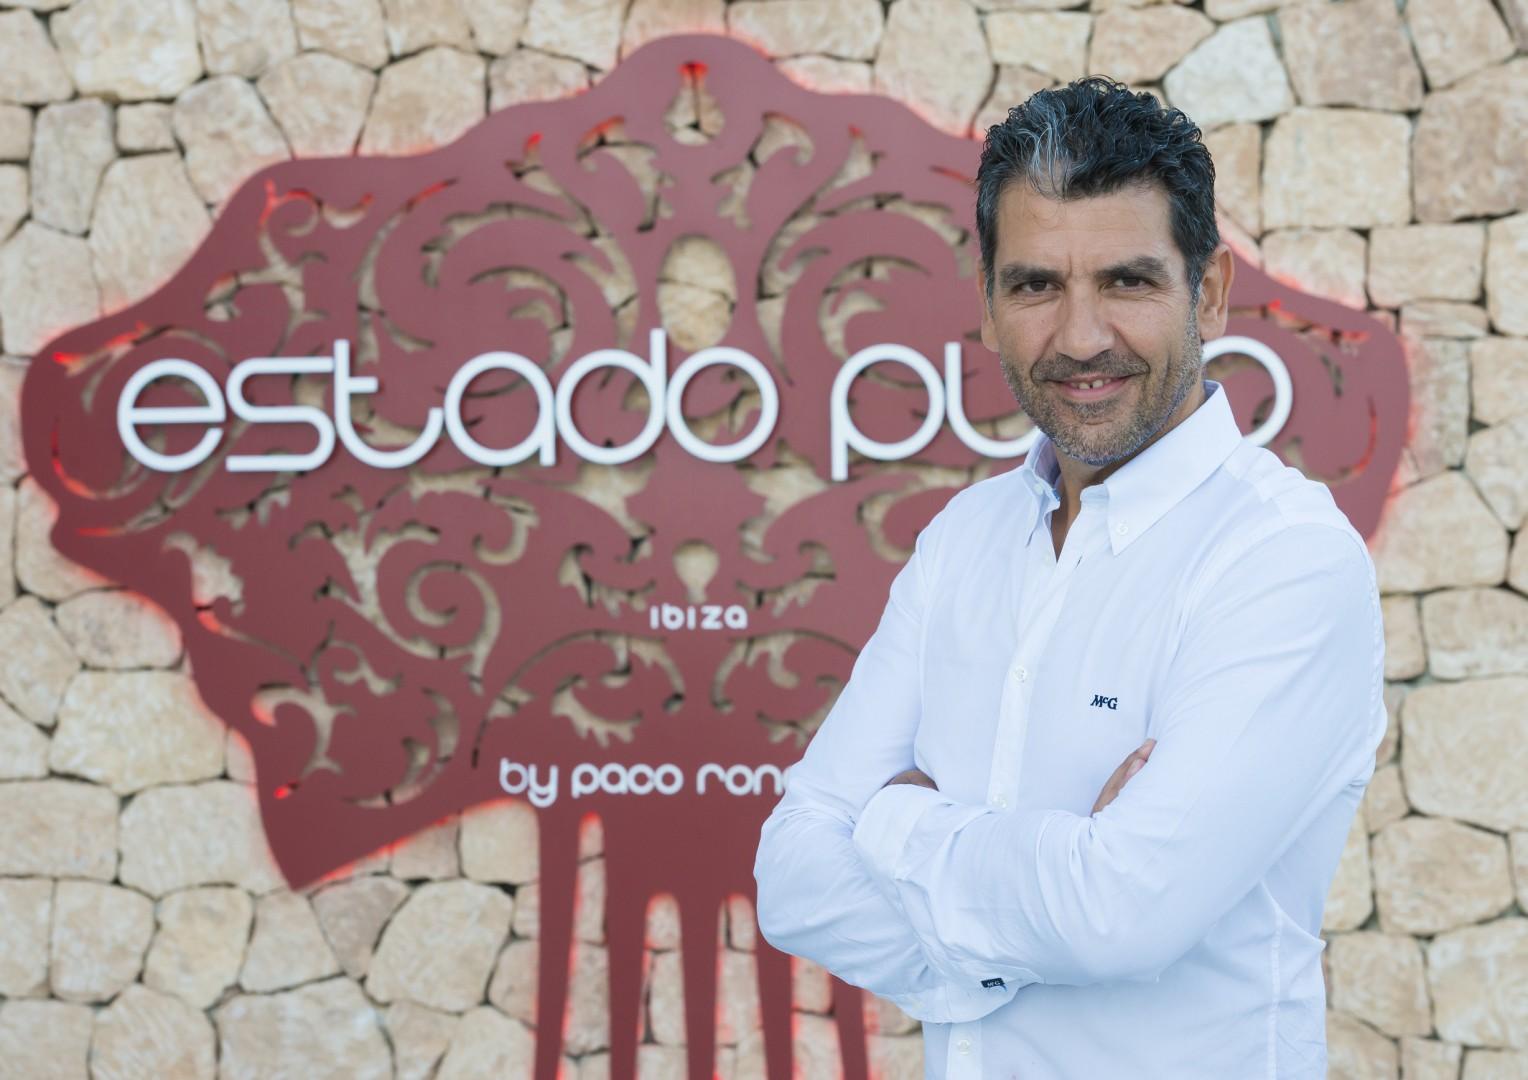 Hard Rock Hotel en Ibiza paco roncero estado puro ibiza